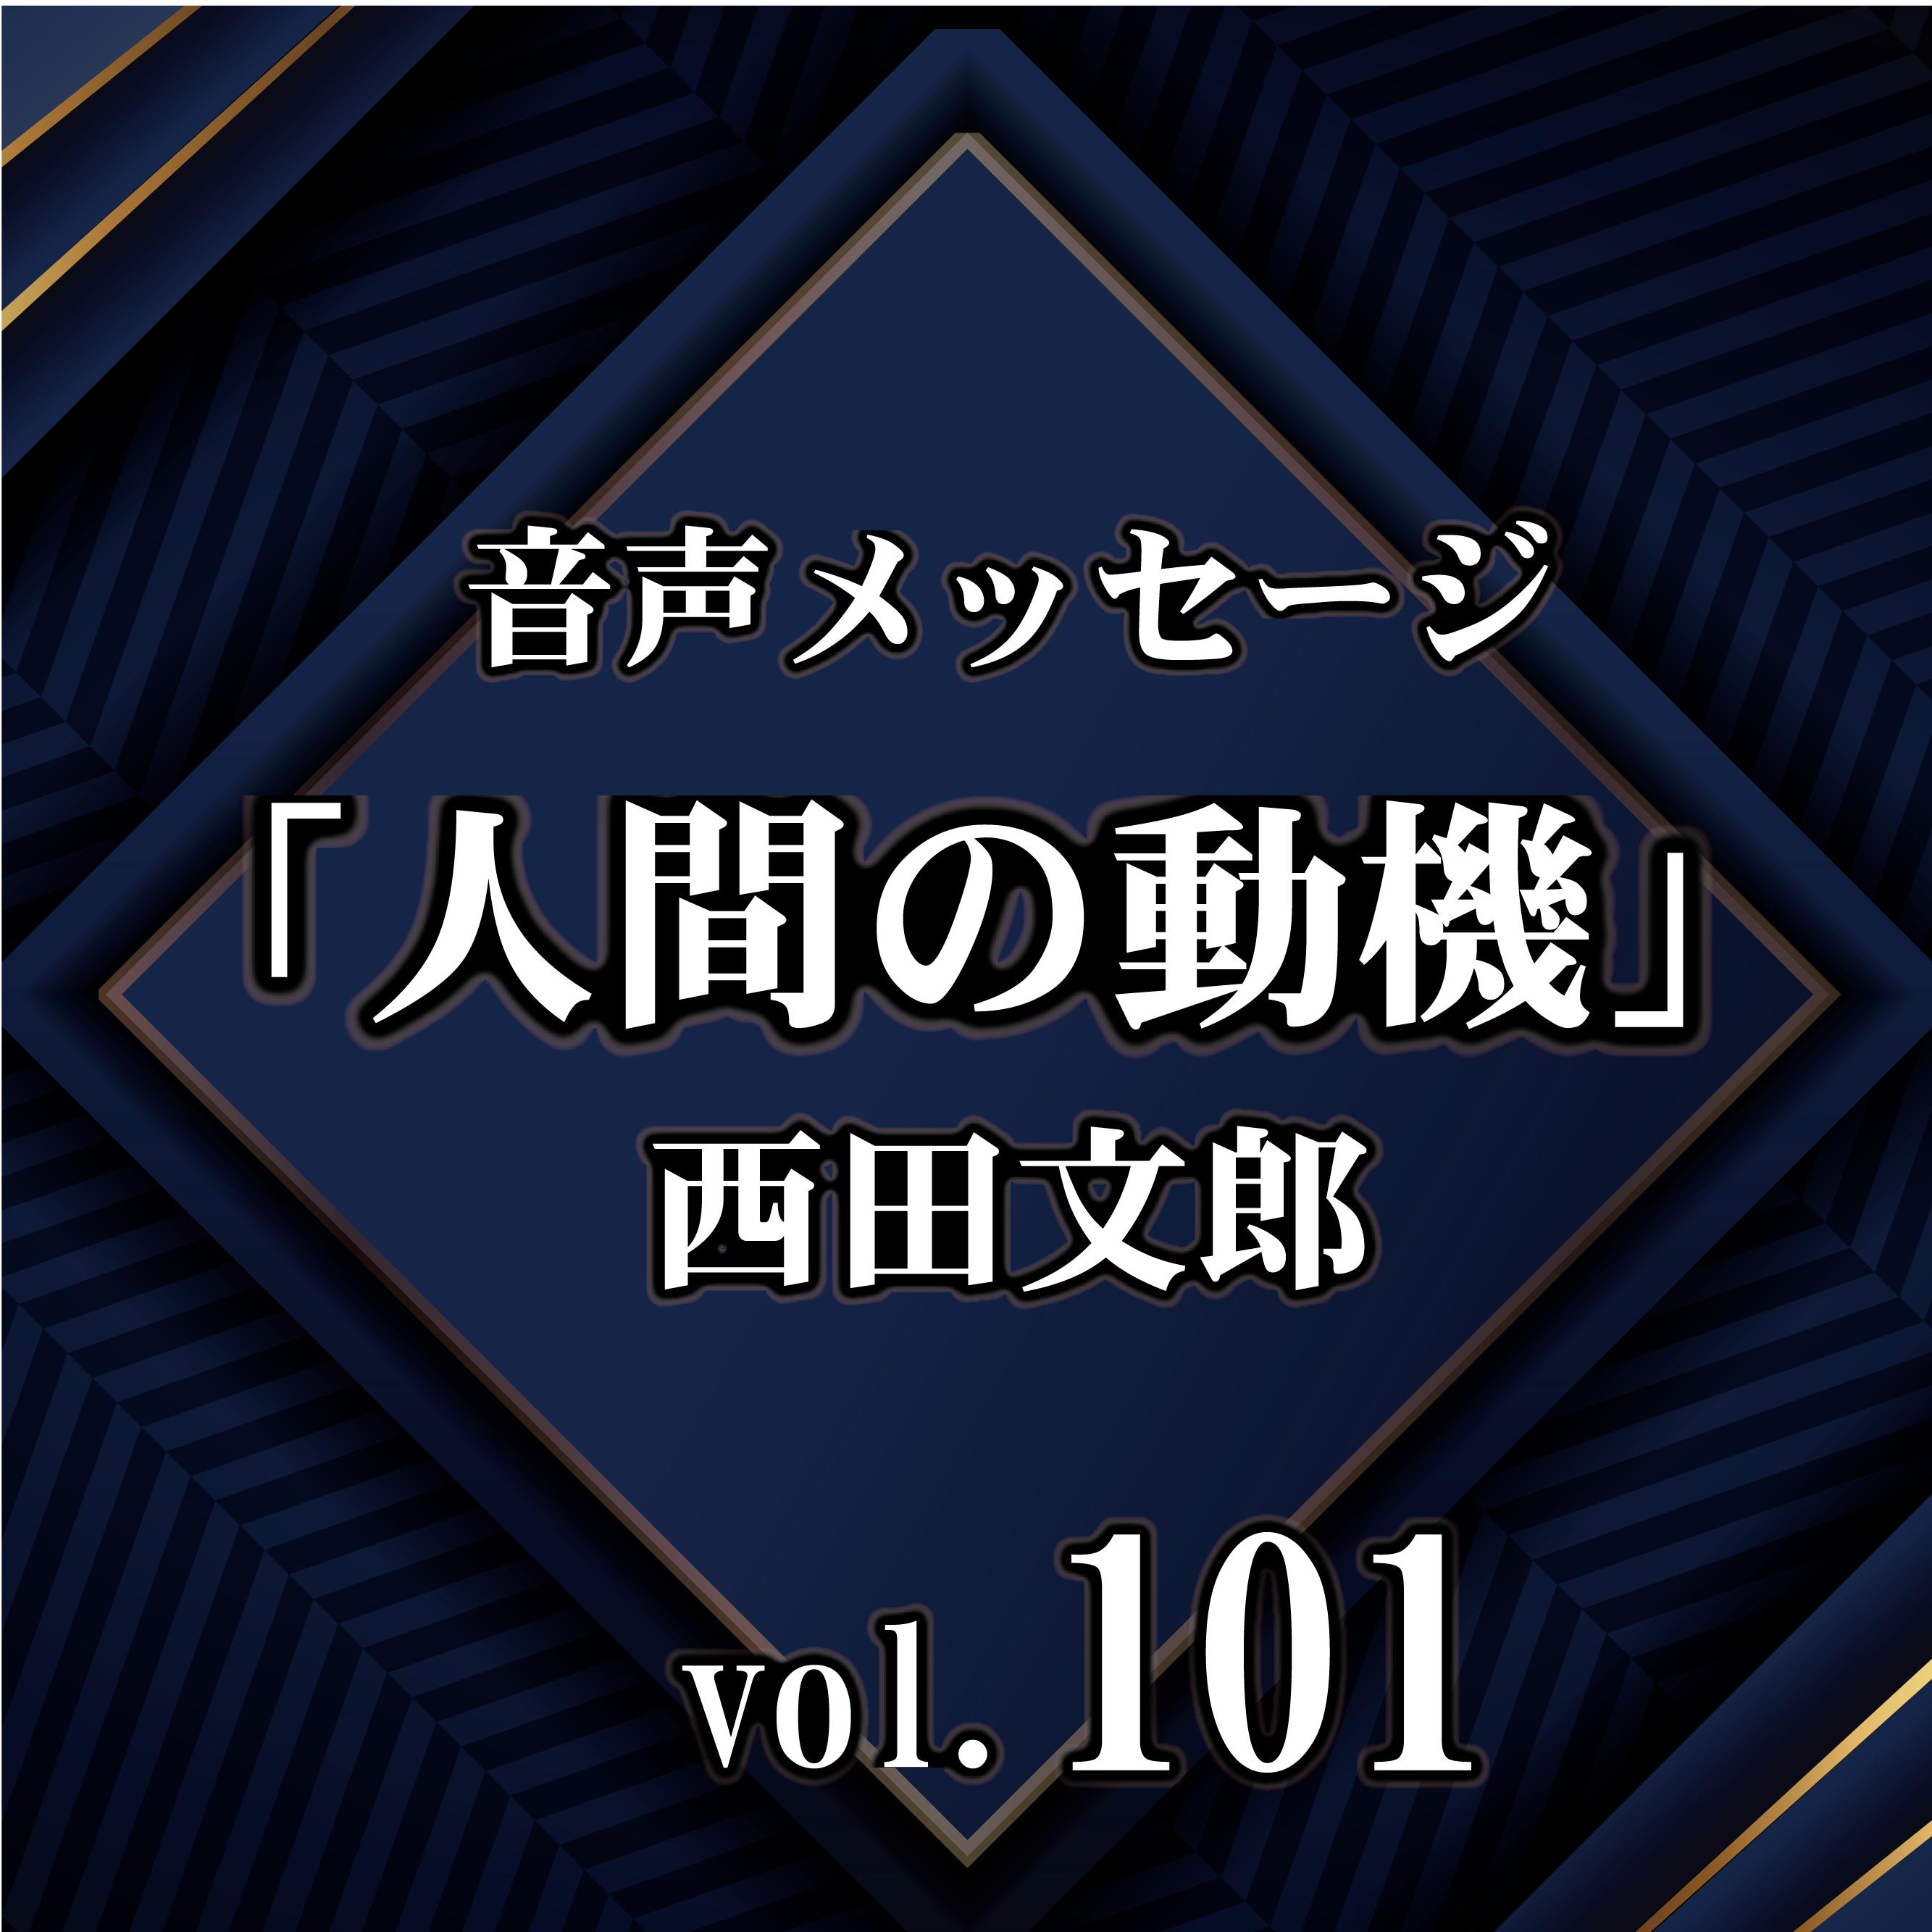 西田文郎 音声メッセージvol.101『人間の動機』